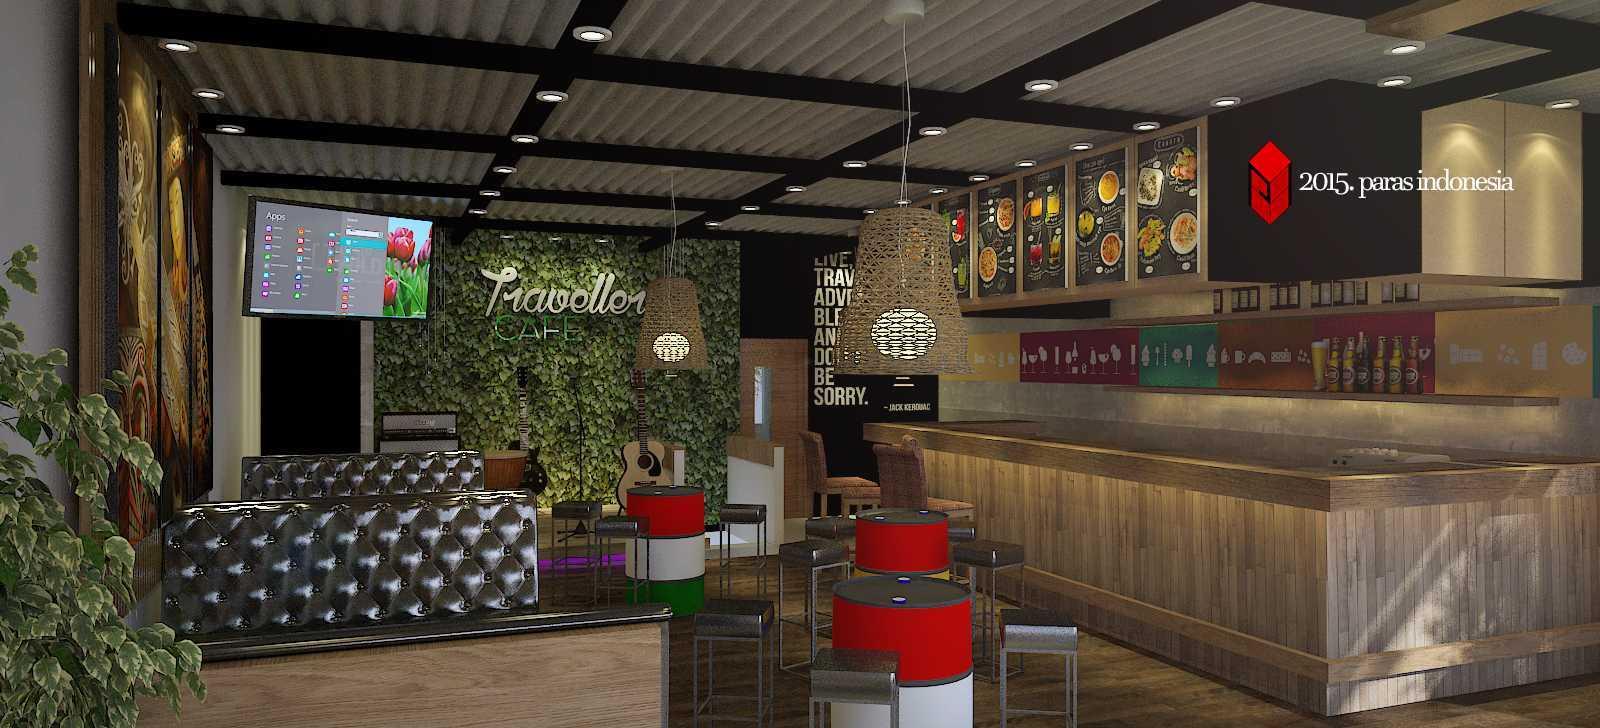 Andreas Fajar Ismunanto Travel Cafe Kabupaten Sintang, Kalimantan Barat, Indonesia Kabupaten Sintang, Kalimantan Barat, Indonesia Cafe-Sintang-Mr Minimalis,modern  38068